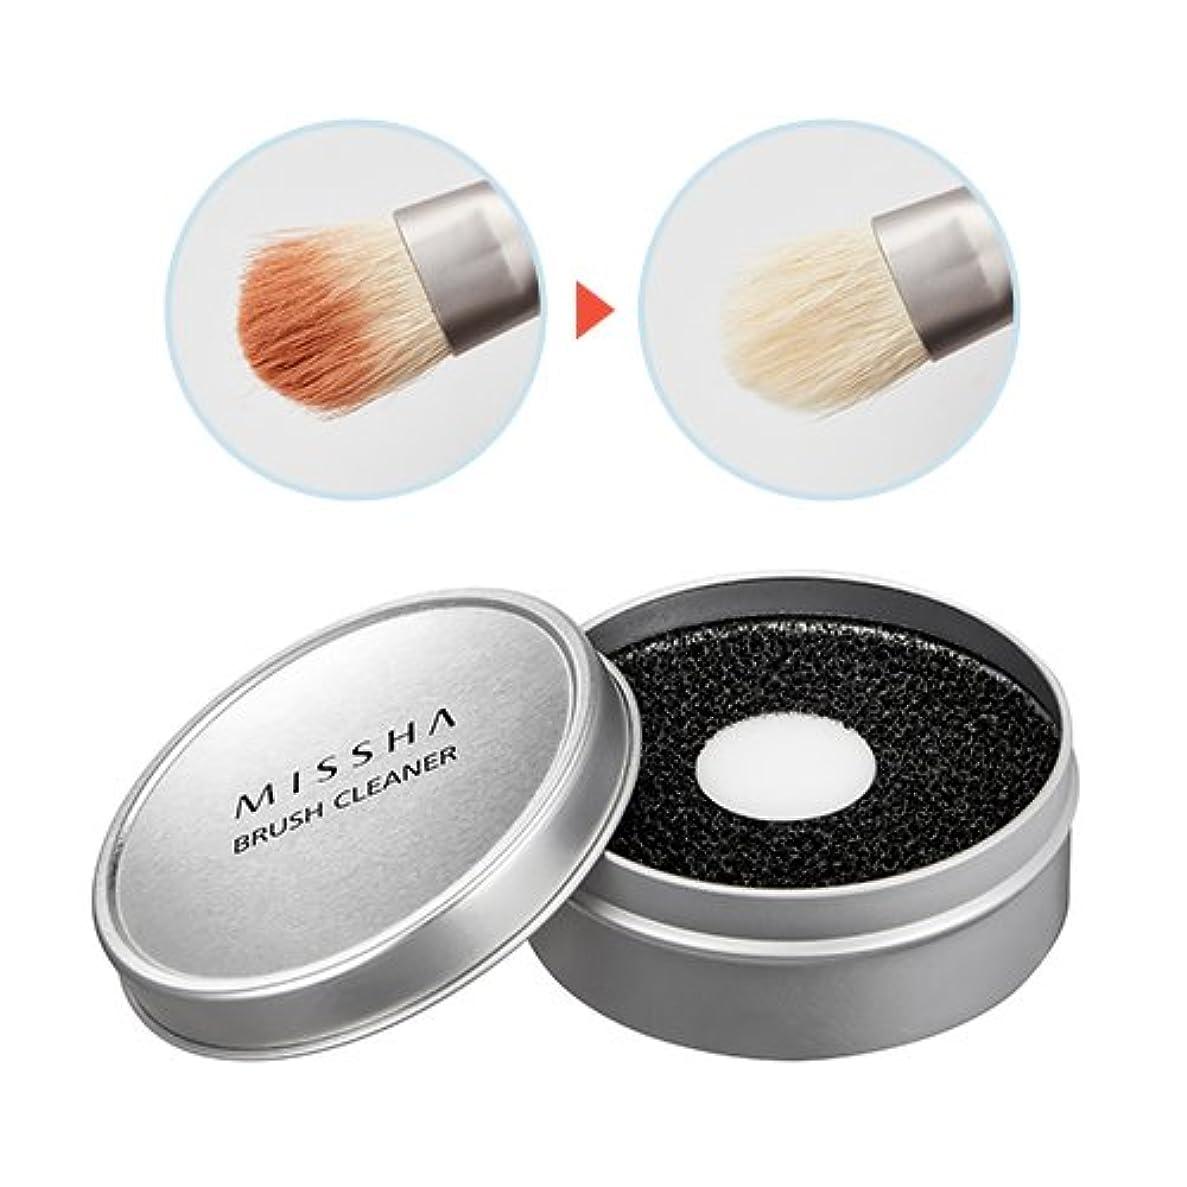 めんどり静かな二層MISSHA Brush Cleaner / ミシャ ブラシクリーナー [NEW] [並行輸入品]